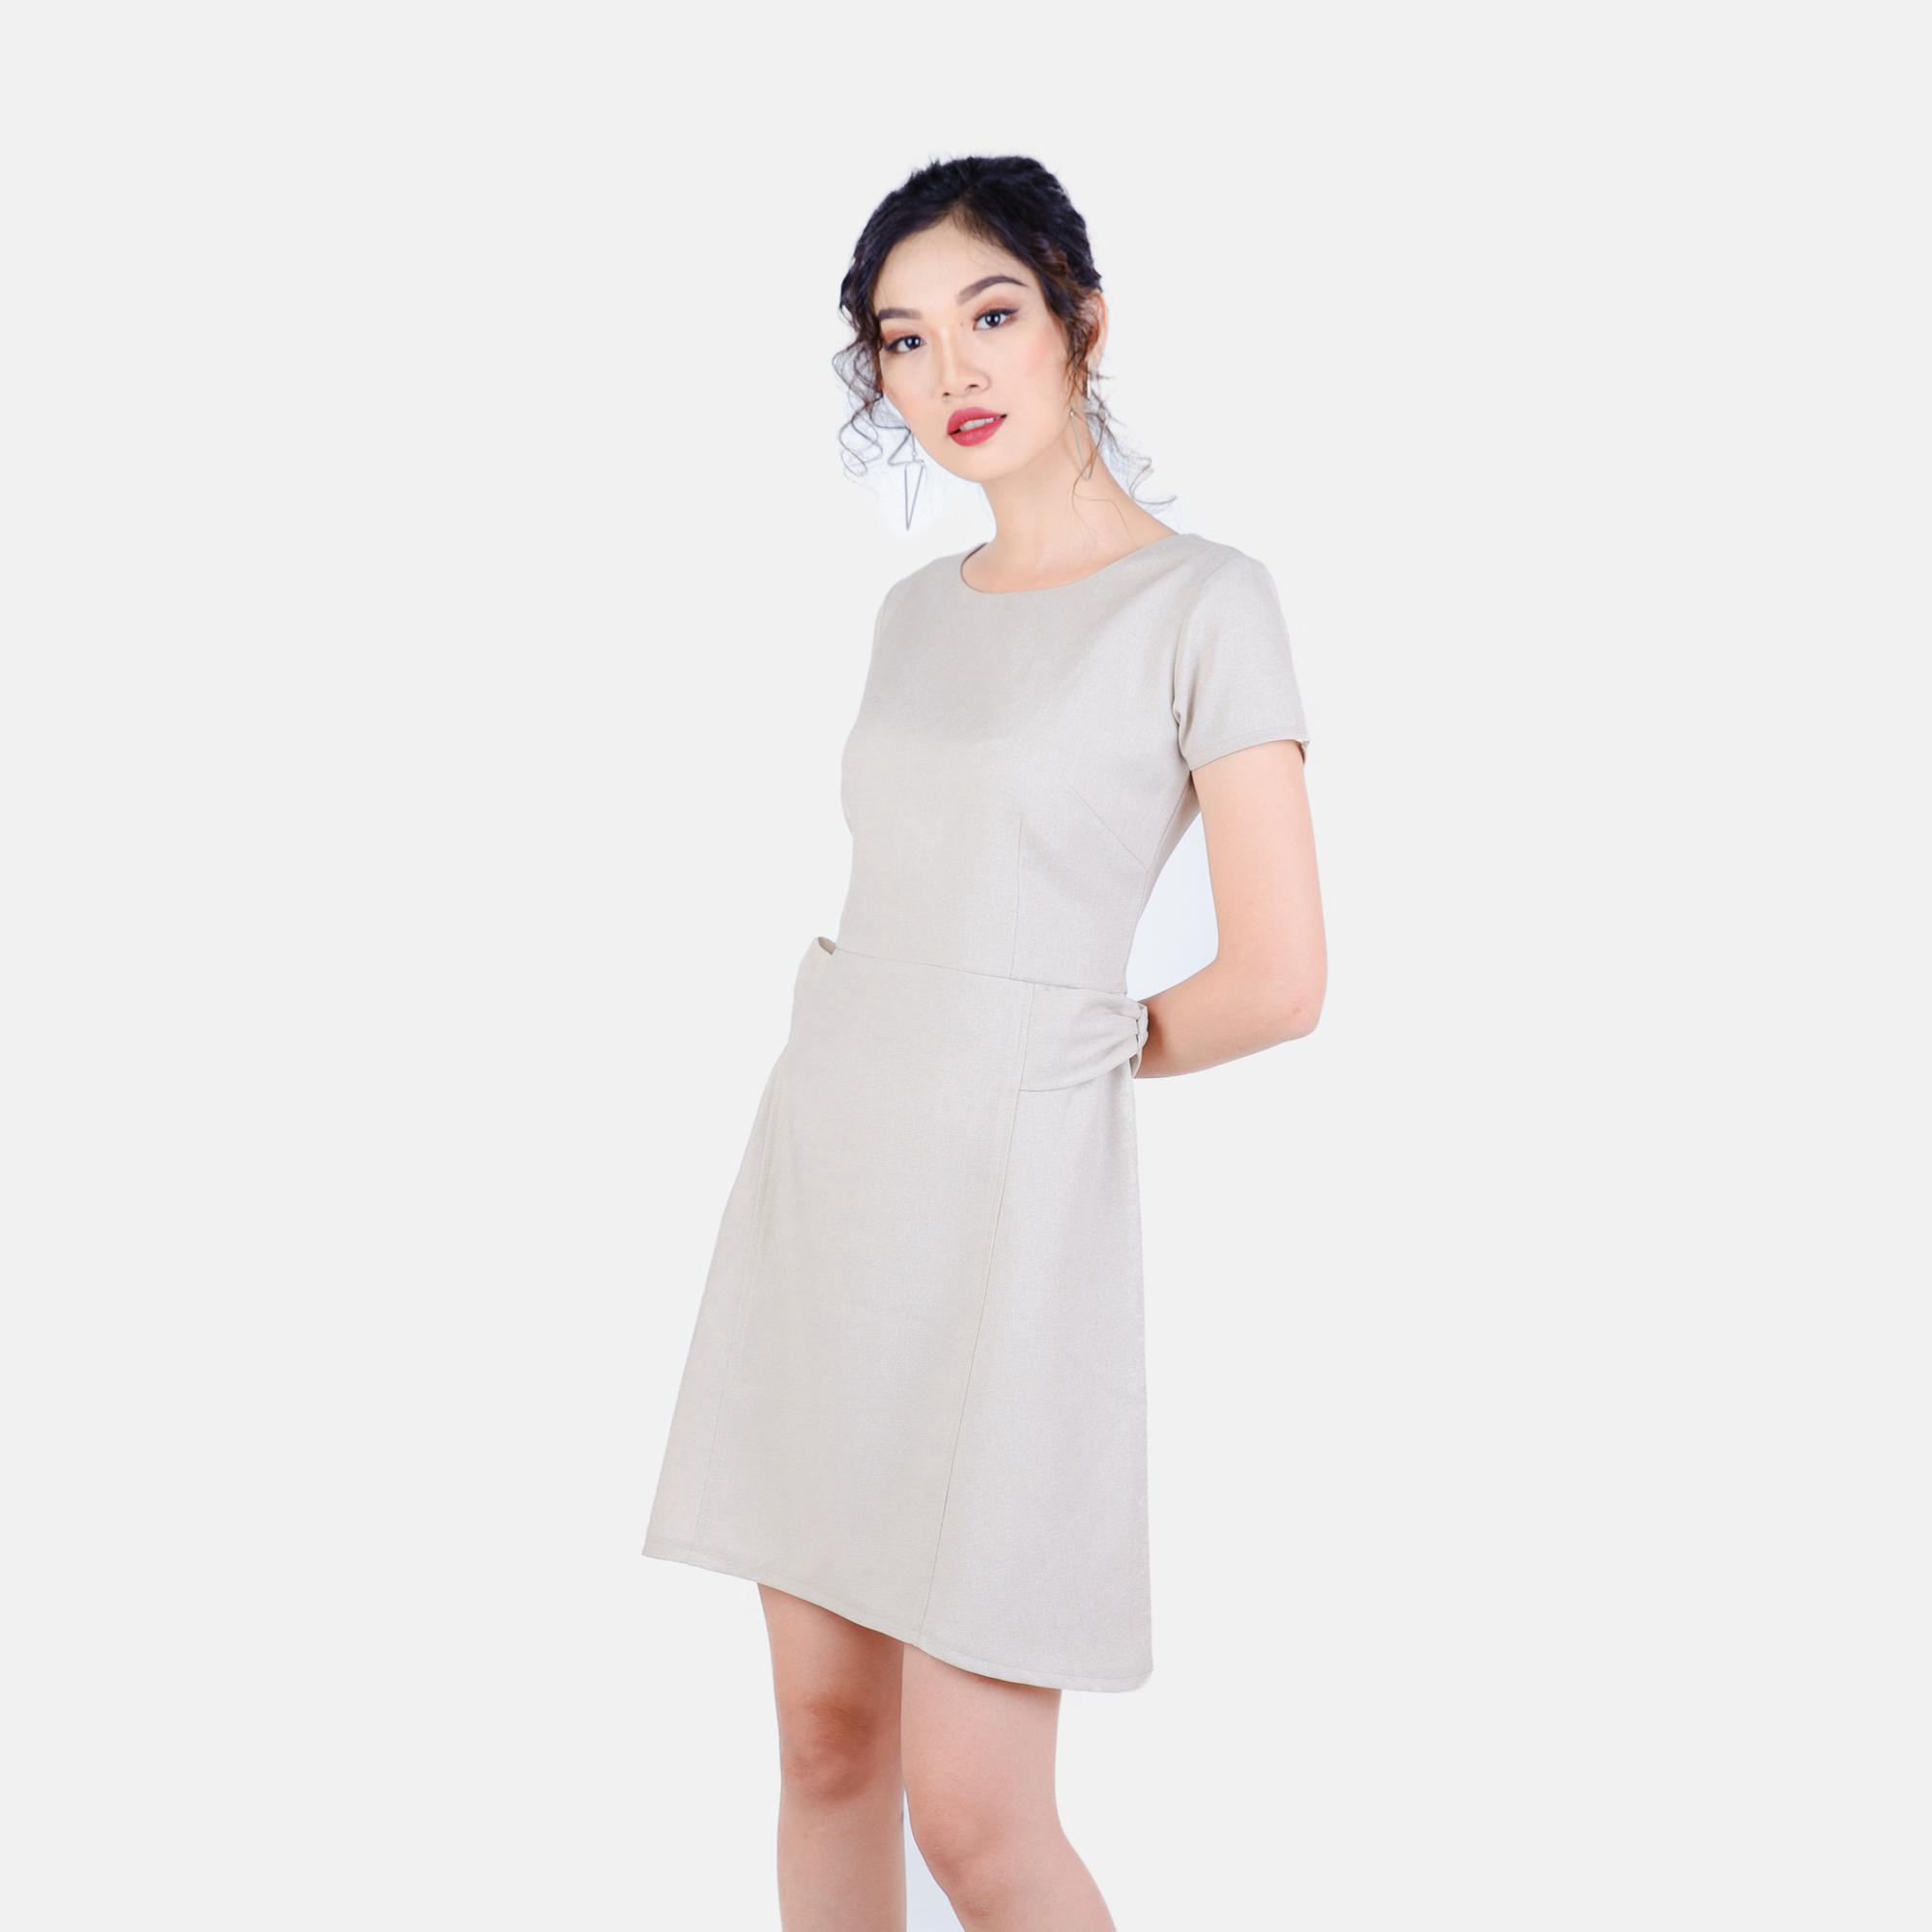 Đầm công sở phối nơ eo thời trang Eden d189 (kem)